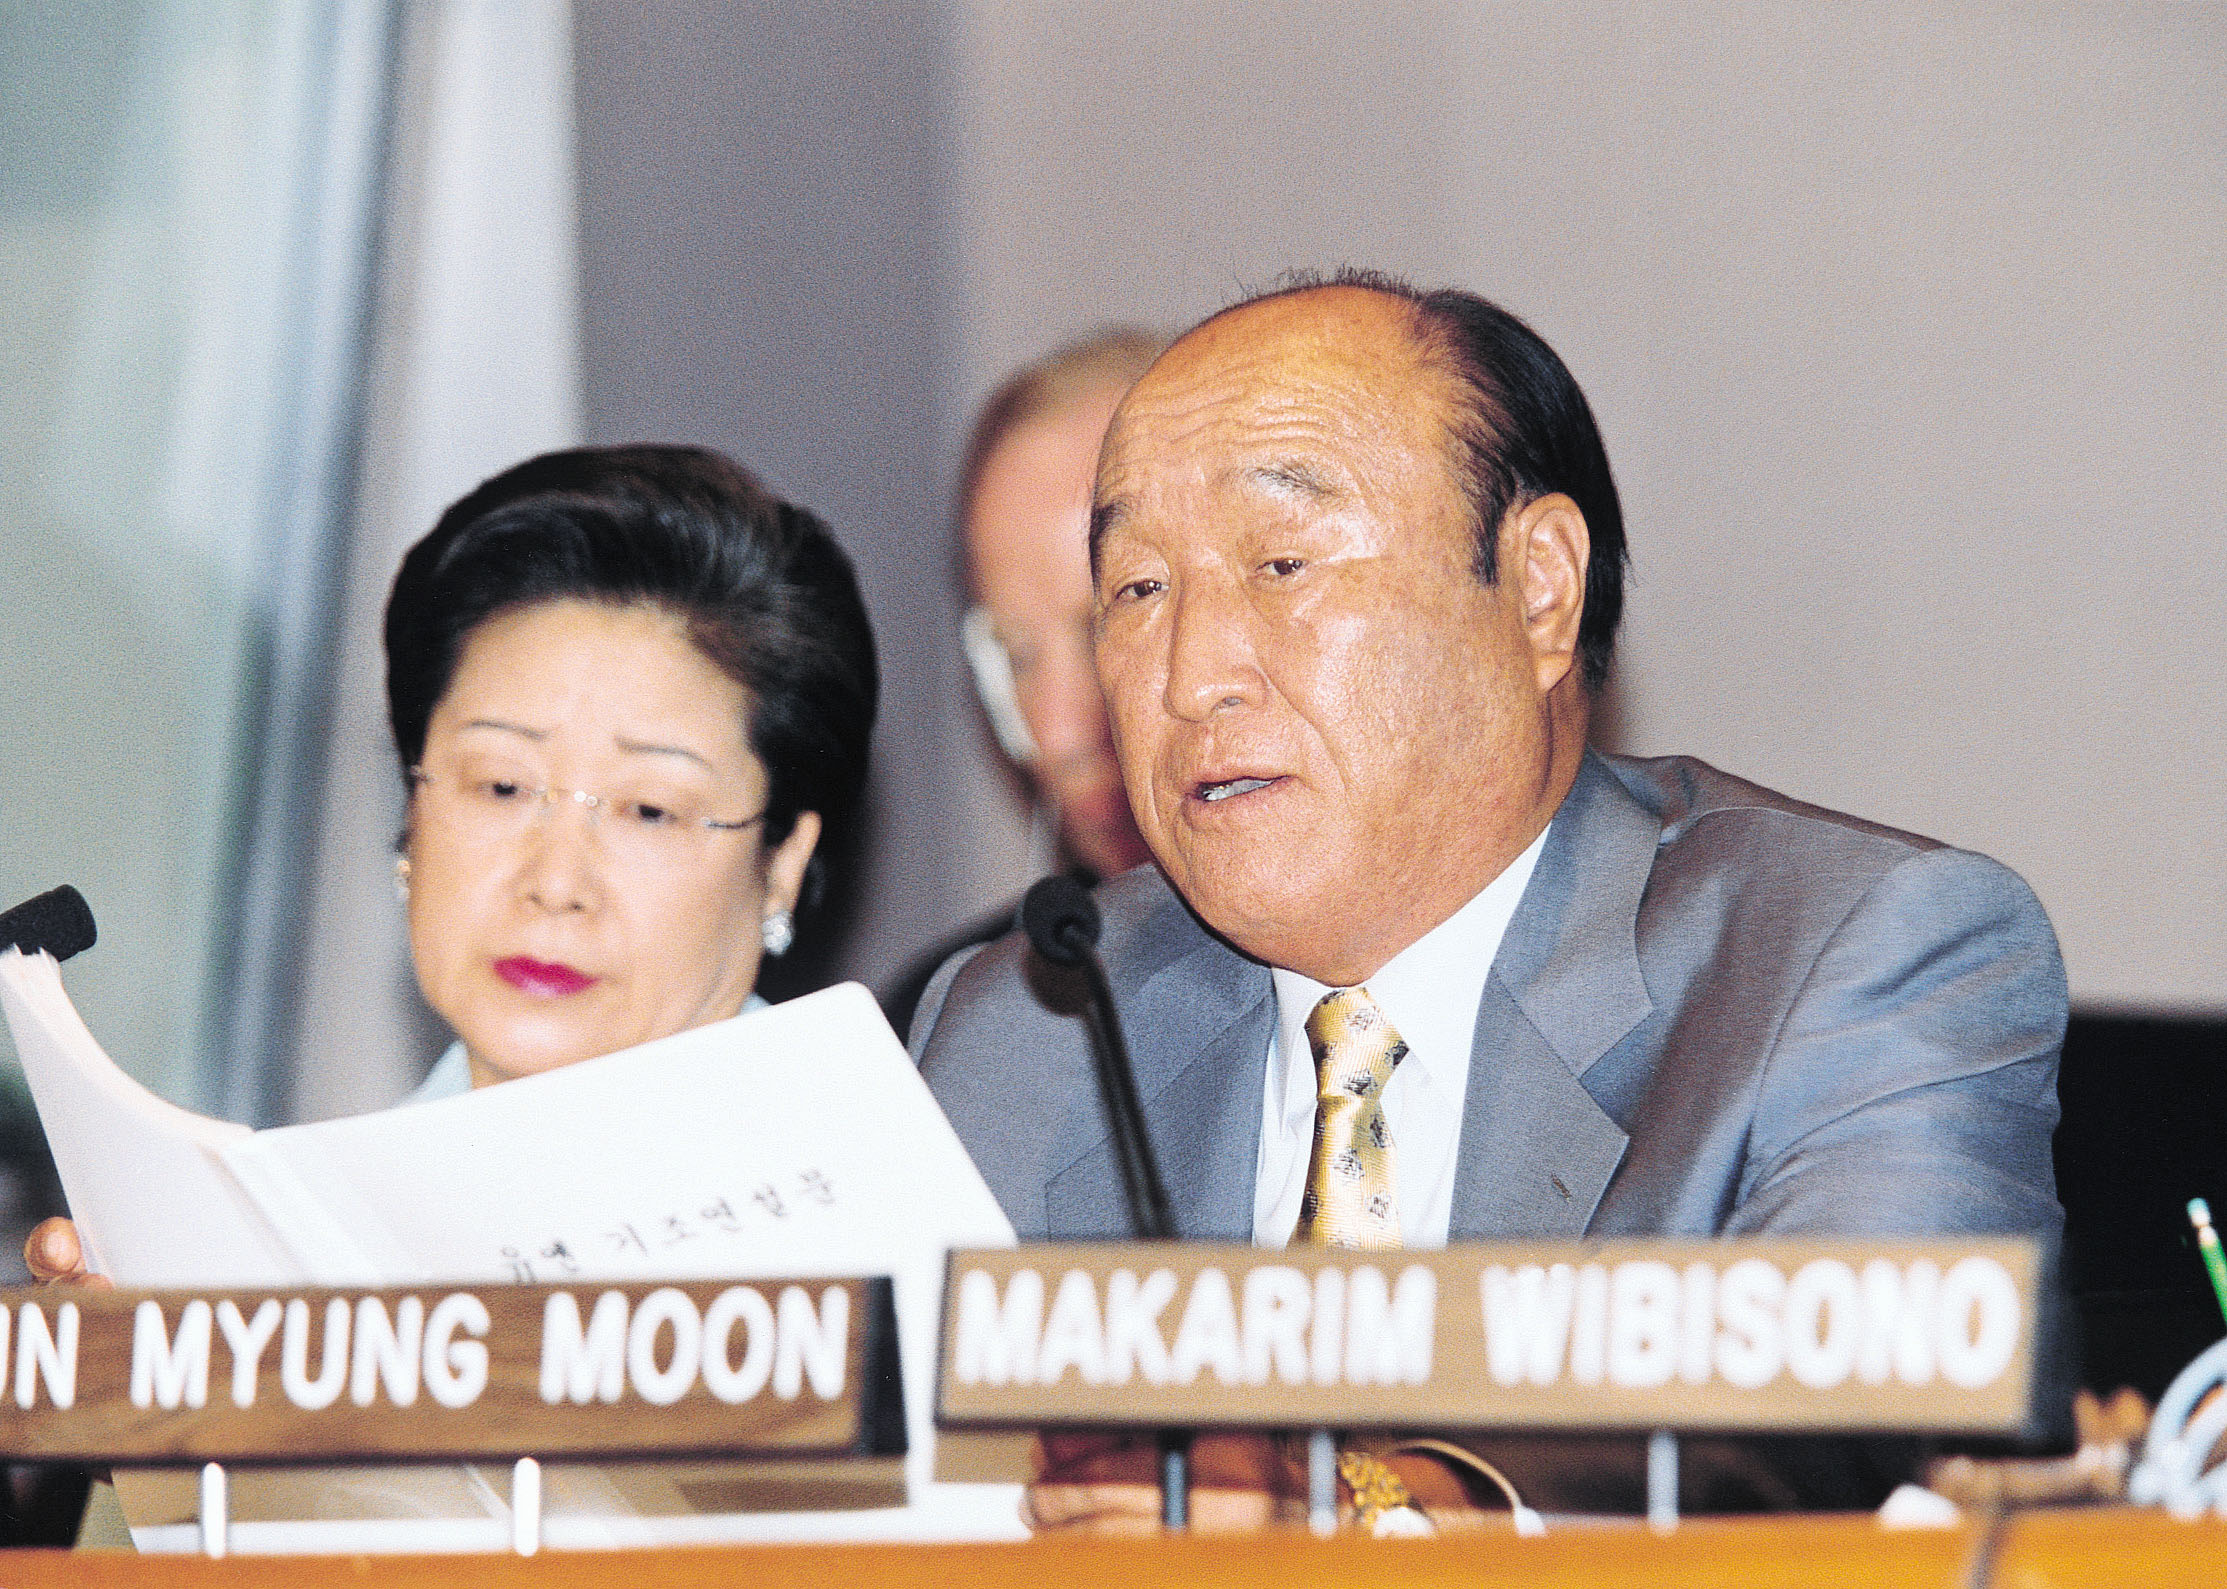 2000年8月18日、米国ニューヨークの国連本部で開催された国際会議「アセンブリ2000」で国連超宗教議会の設立を提唱する文鮮明師